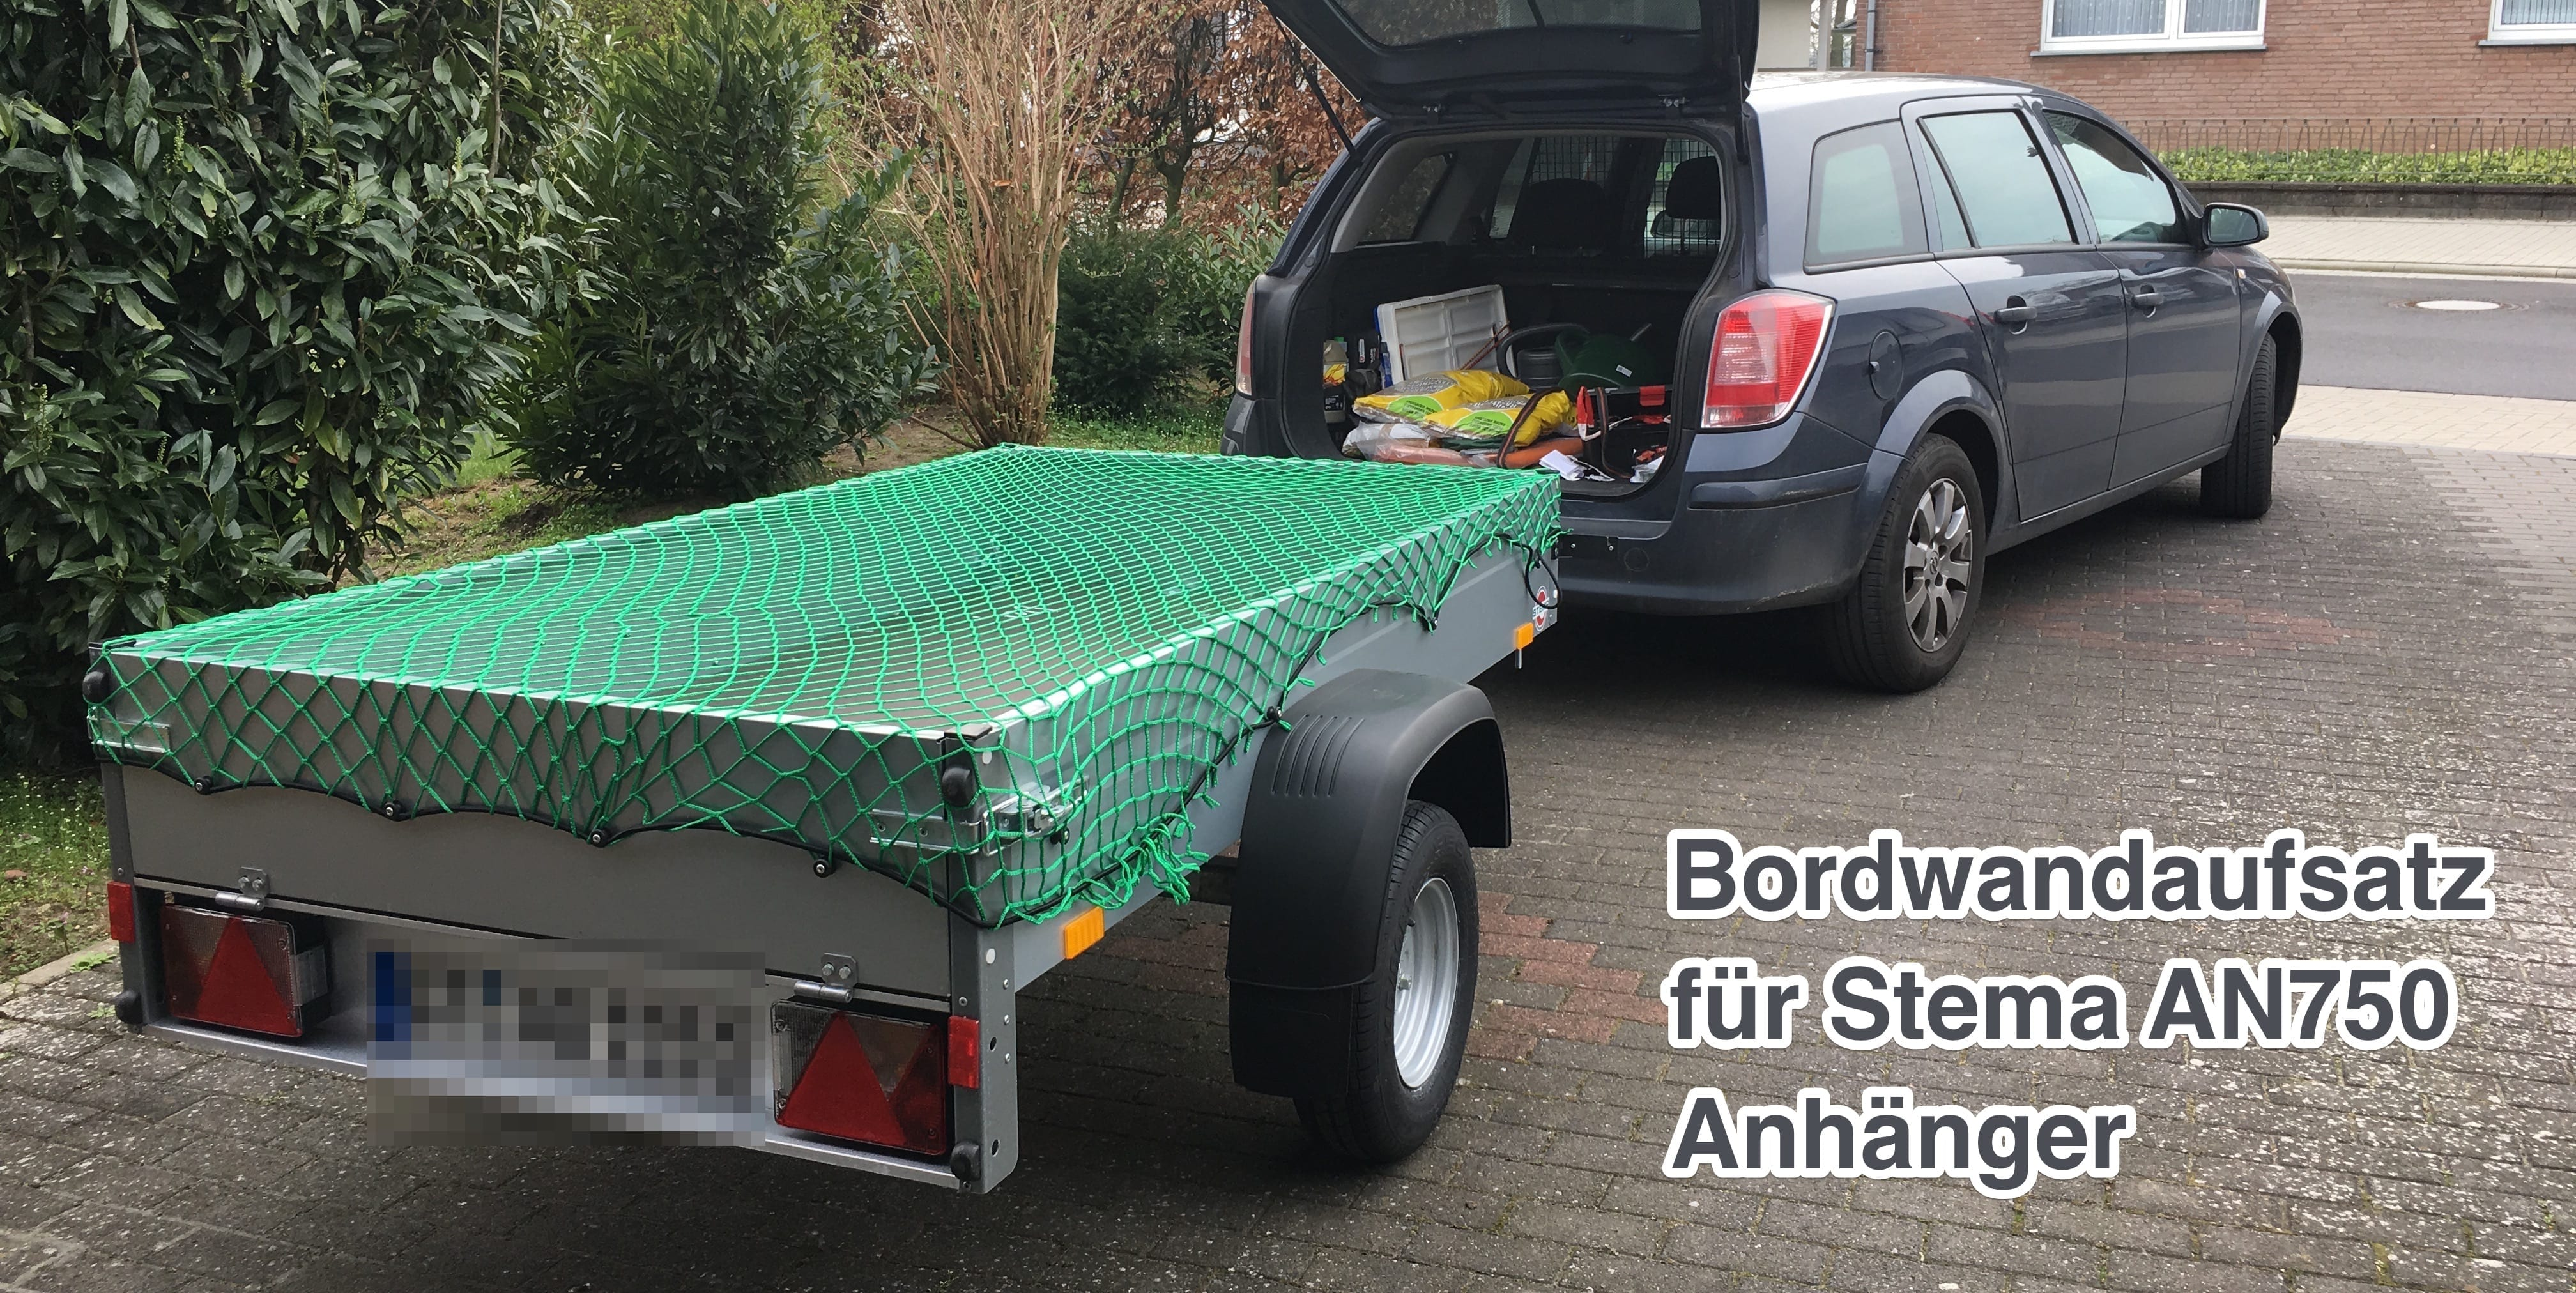 stema-bordwandaufsatz-fuer-an750